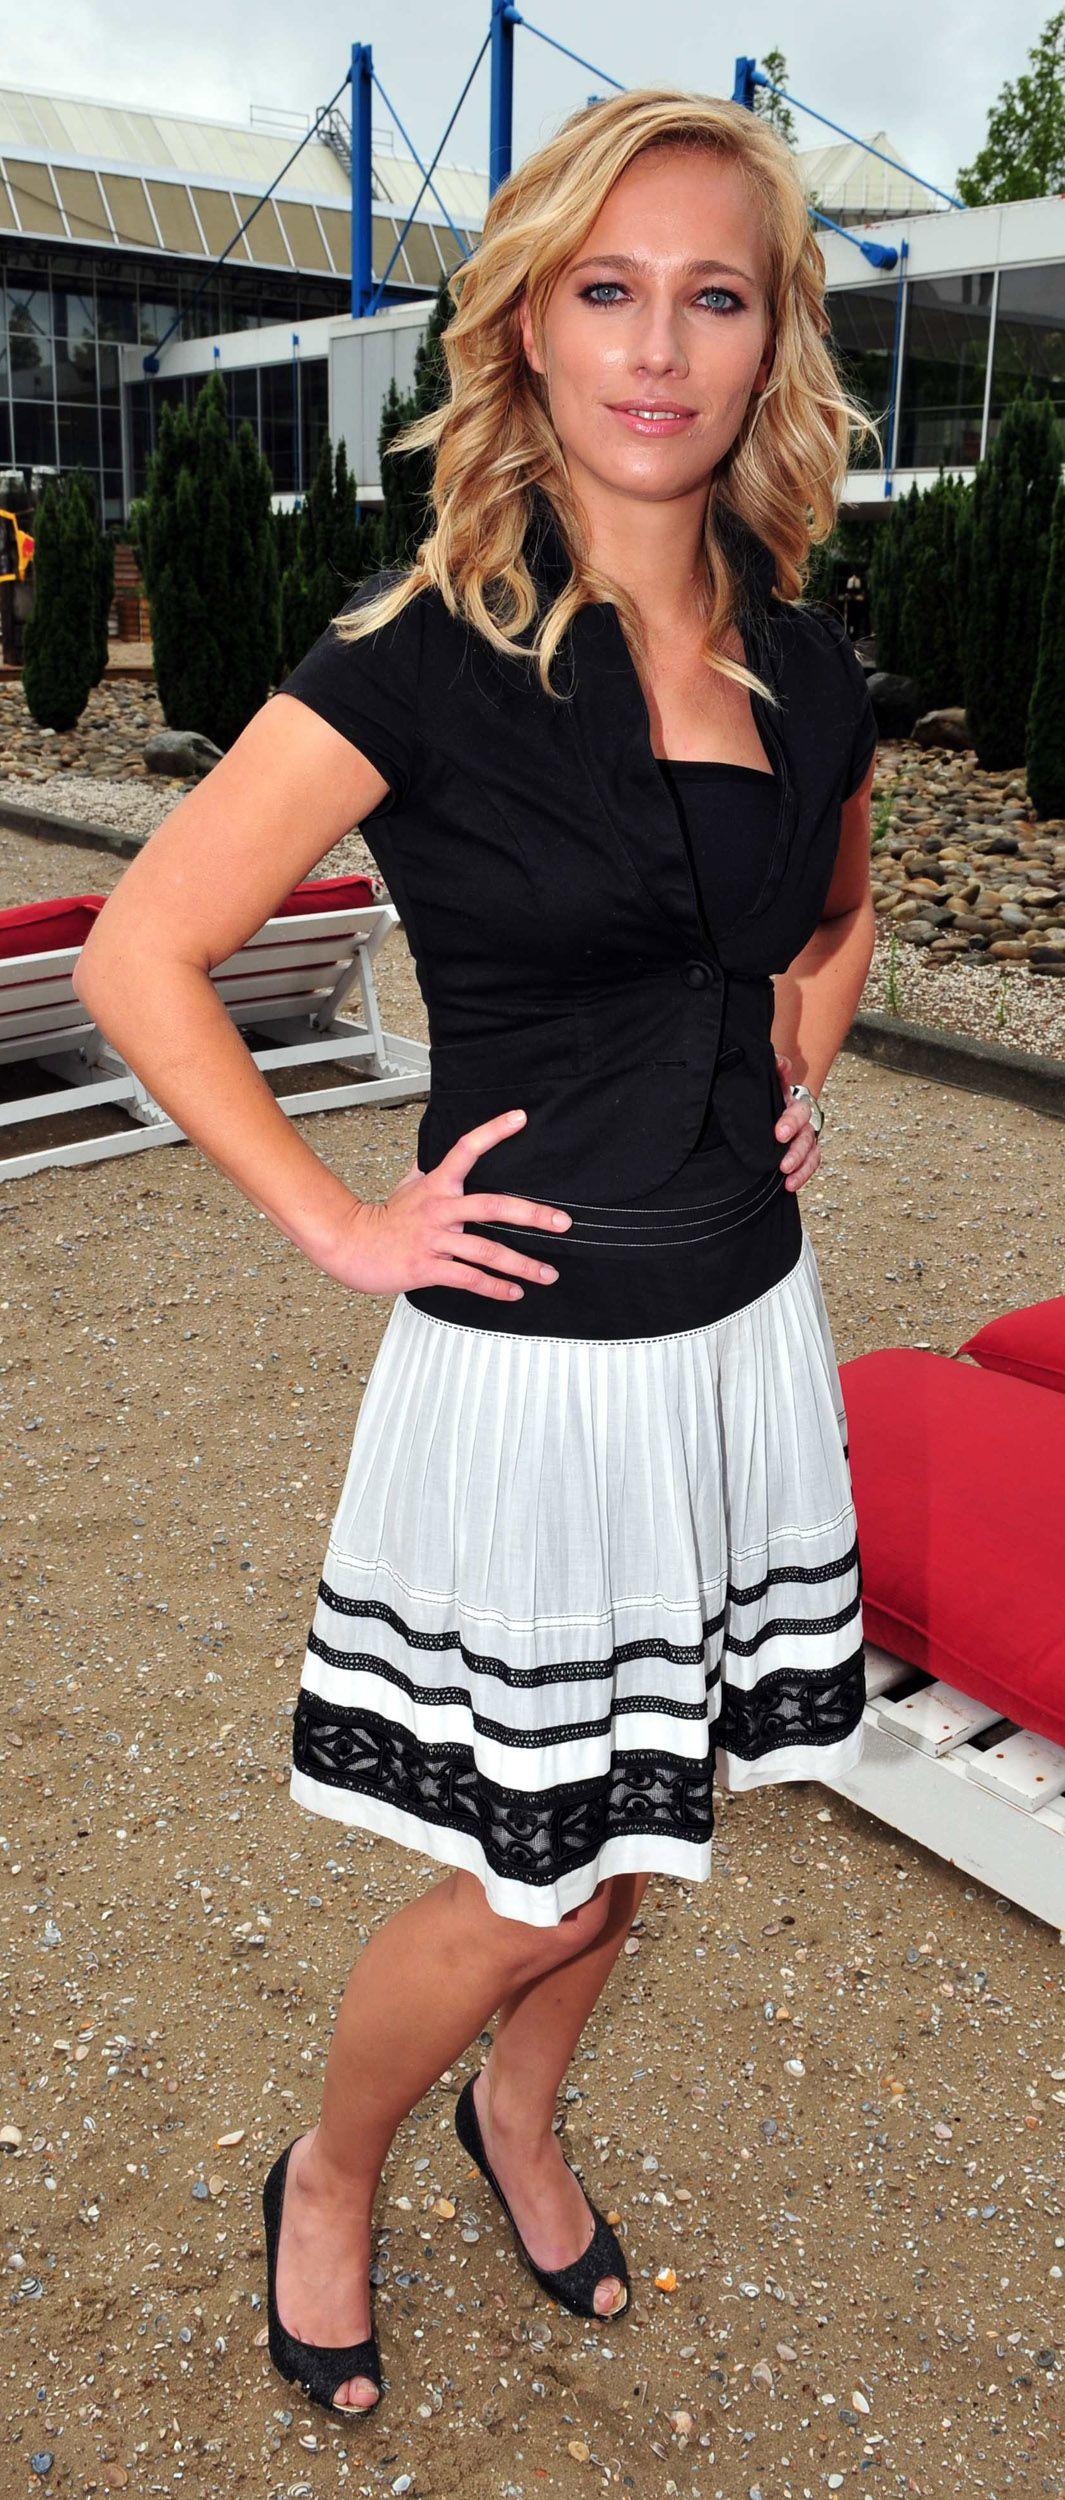 Jennifer hoffman fan seriers pinterest actresses jennifer hoffman thecheapjerseys Gallery